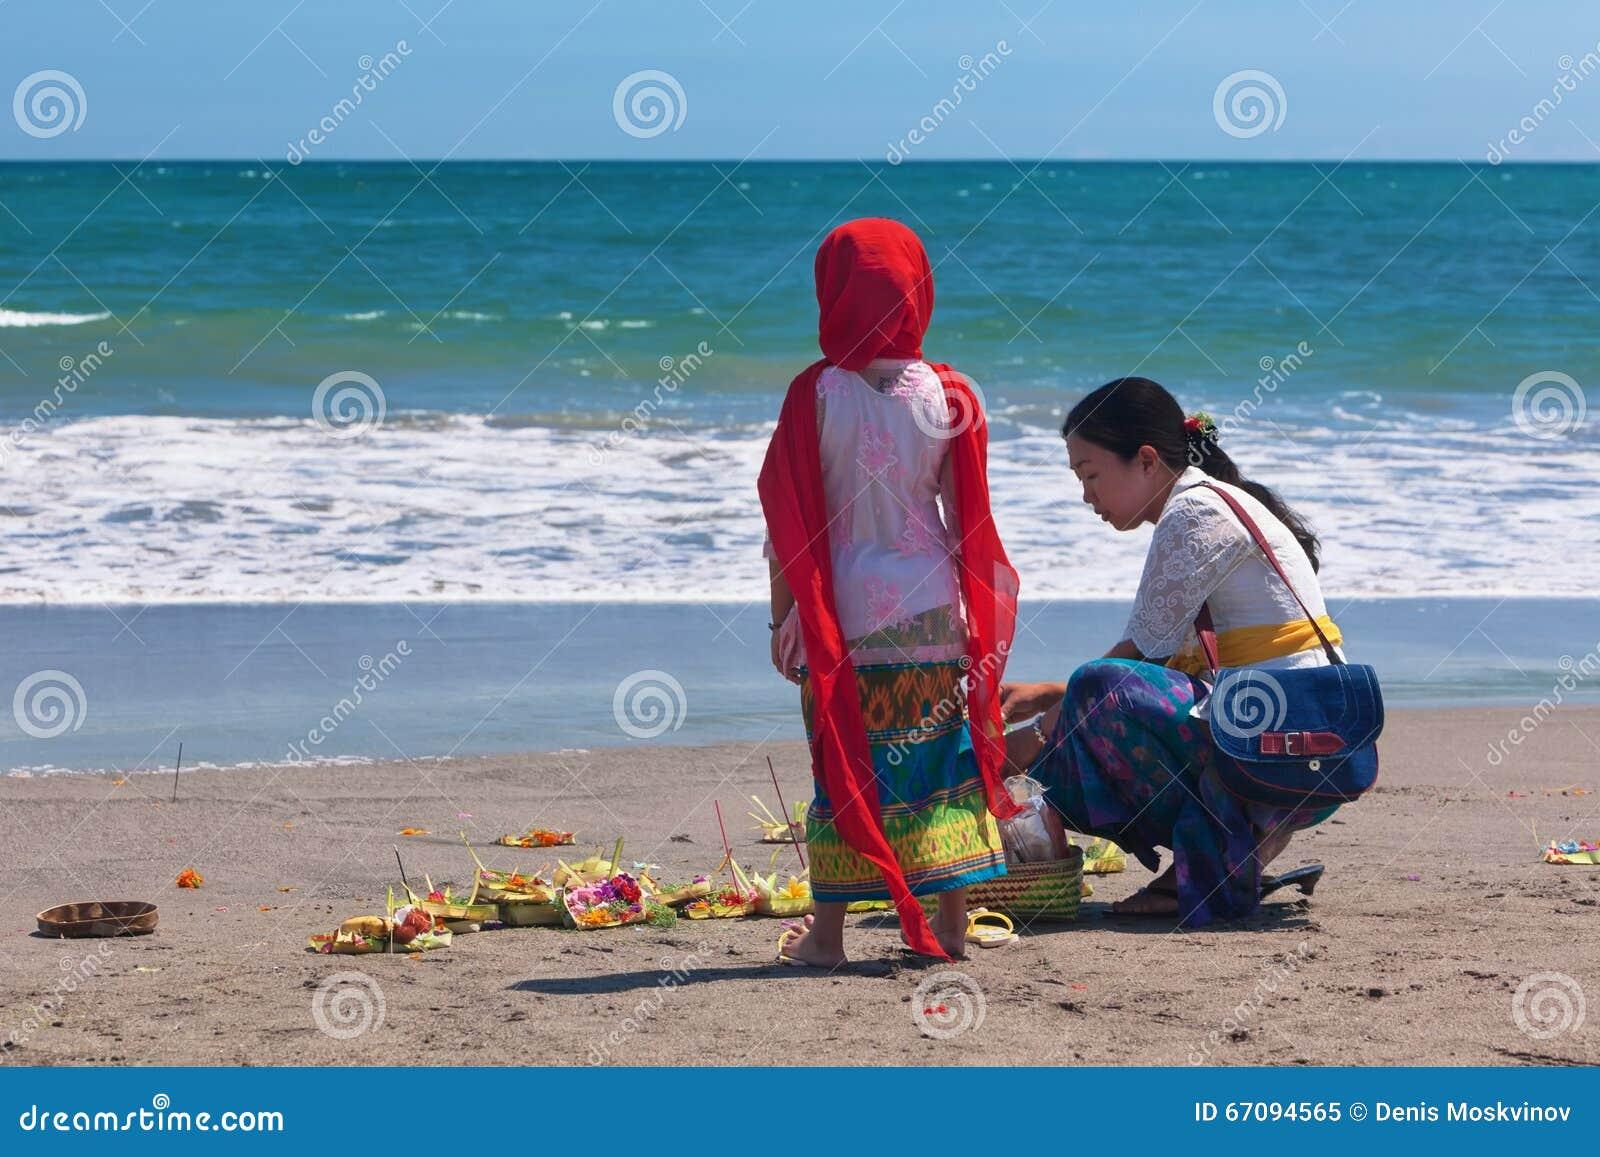 Балийская женщина с ребенком на пляже океана